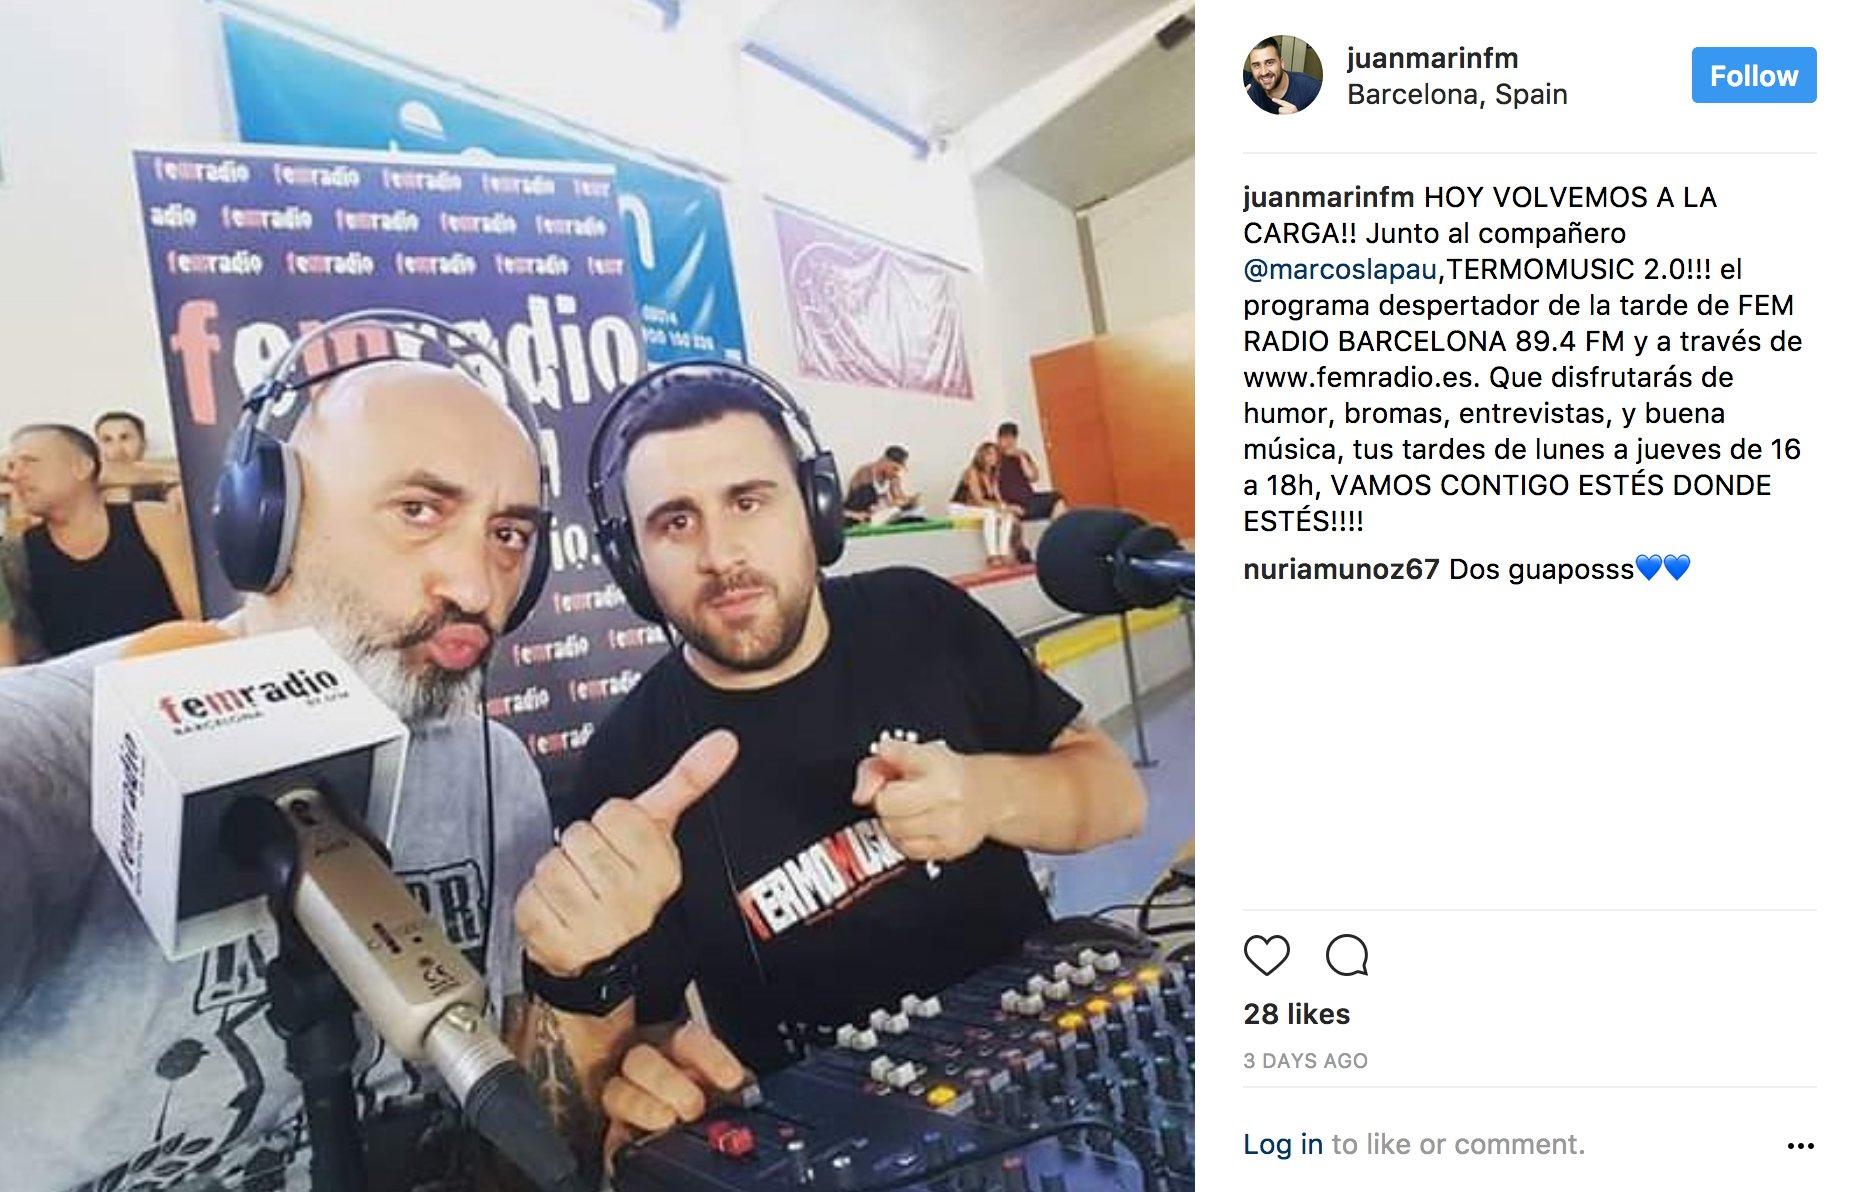 @juanmarinfm Ei Juanito, ja ho saben a @Femradio que ets un feixista que amenaça periodistes quan vas de cacera? https://t.co/uXbwhZF10f